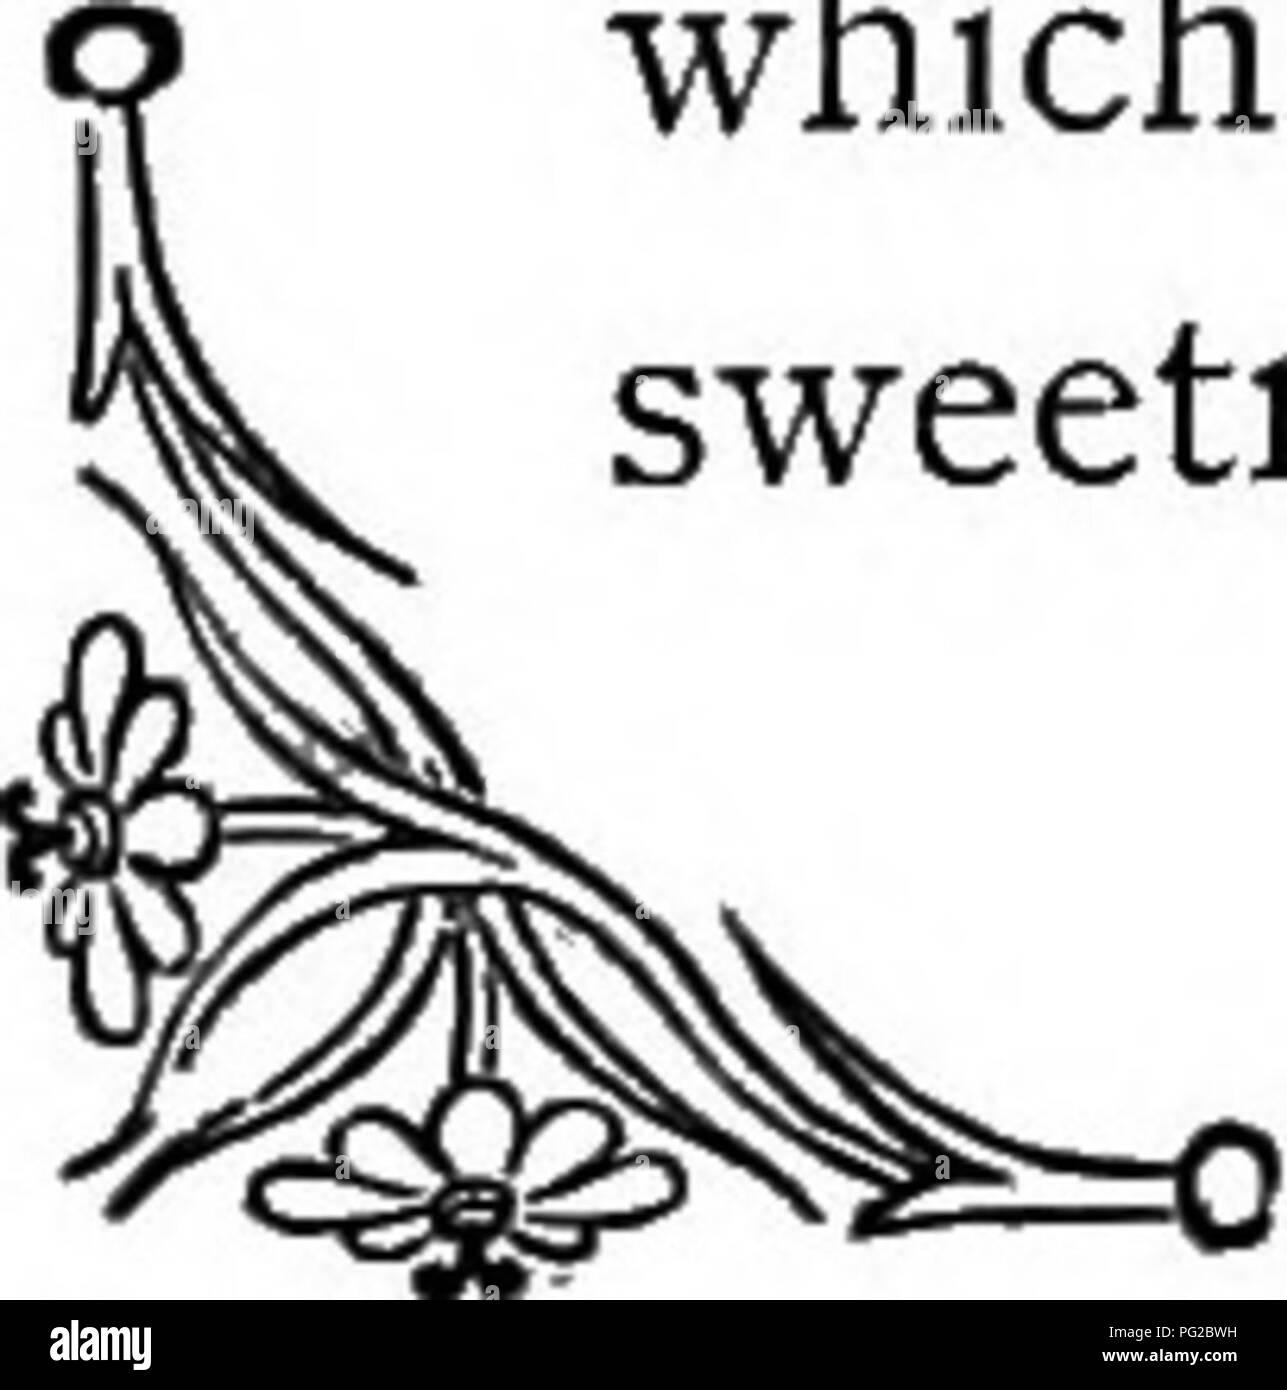 """. Le langage des fleurs: ou emblèmes floraux, de pensées, de sentiments, et les sentiments ... Langage des fleurs. Jasmin indien. de ruines, c'est l'ornement du vieux murs qui la soutiennent; il ne reçoit rien au-delà; mais, un ami constant, il meurt lorsqu'il accorde lui-même """" le lierre, que plus fidèle et ami, plus ferme qui accélère son succoring à prêter aux bras les ruines de fane, où dans la jeunesse il a vu, et ses vrilles pliant dans le sport ont été jetés. Lorsque le naufrage de fortifier et moisissent tower semblent seulement les spectres de l'ancien pouvoir, puis le lierre autour de clusters, le mur et la tapisserie pour accrocher Banque D'Images"""